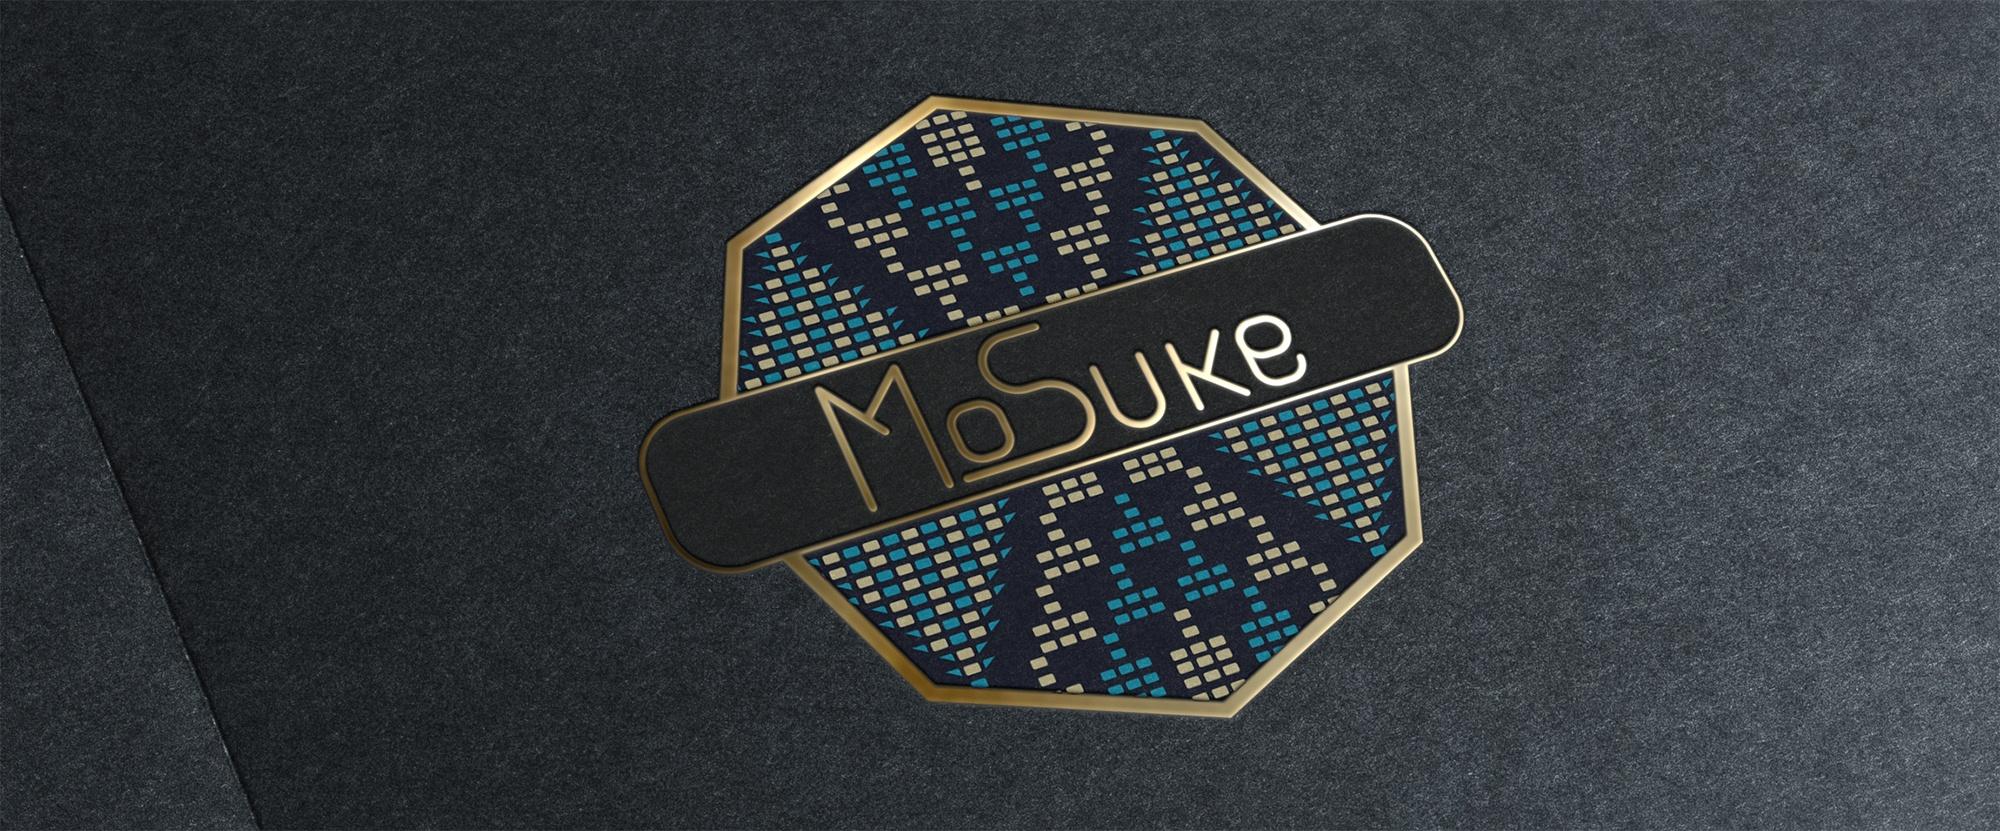 Logo MoSuke design by_Acvis